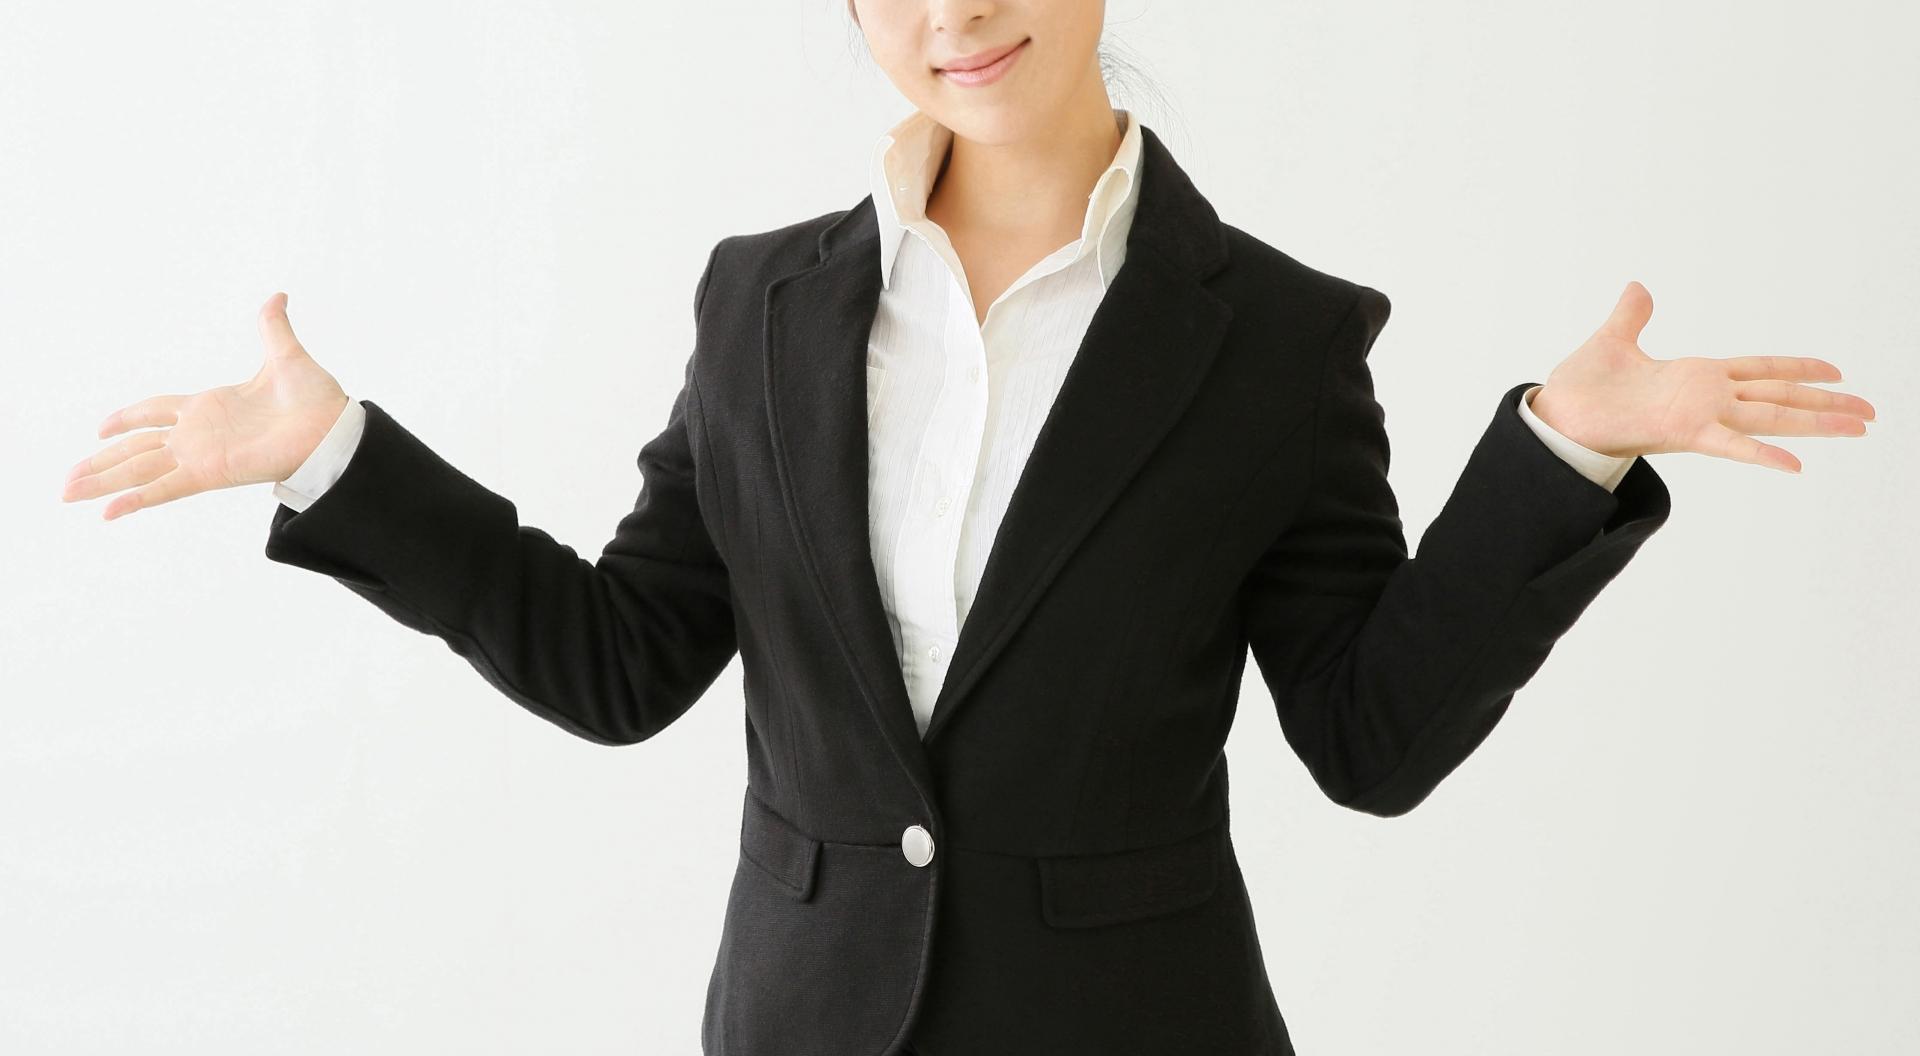 経理の住み込み・寮完備の派遣求人&仕事をしていた方の口コミ